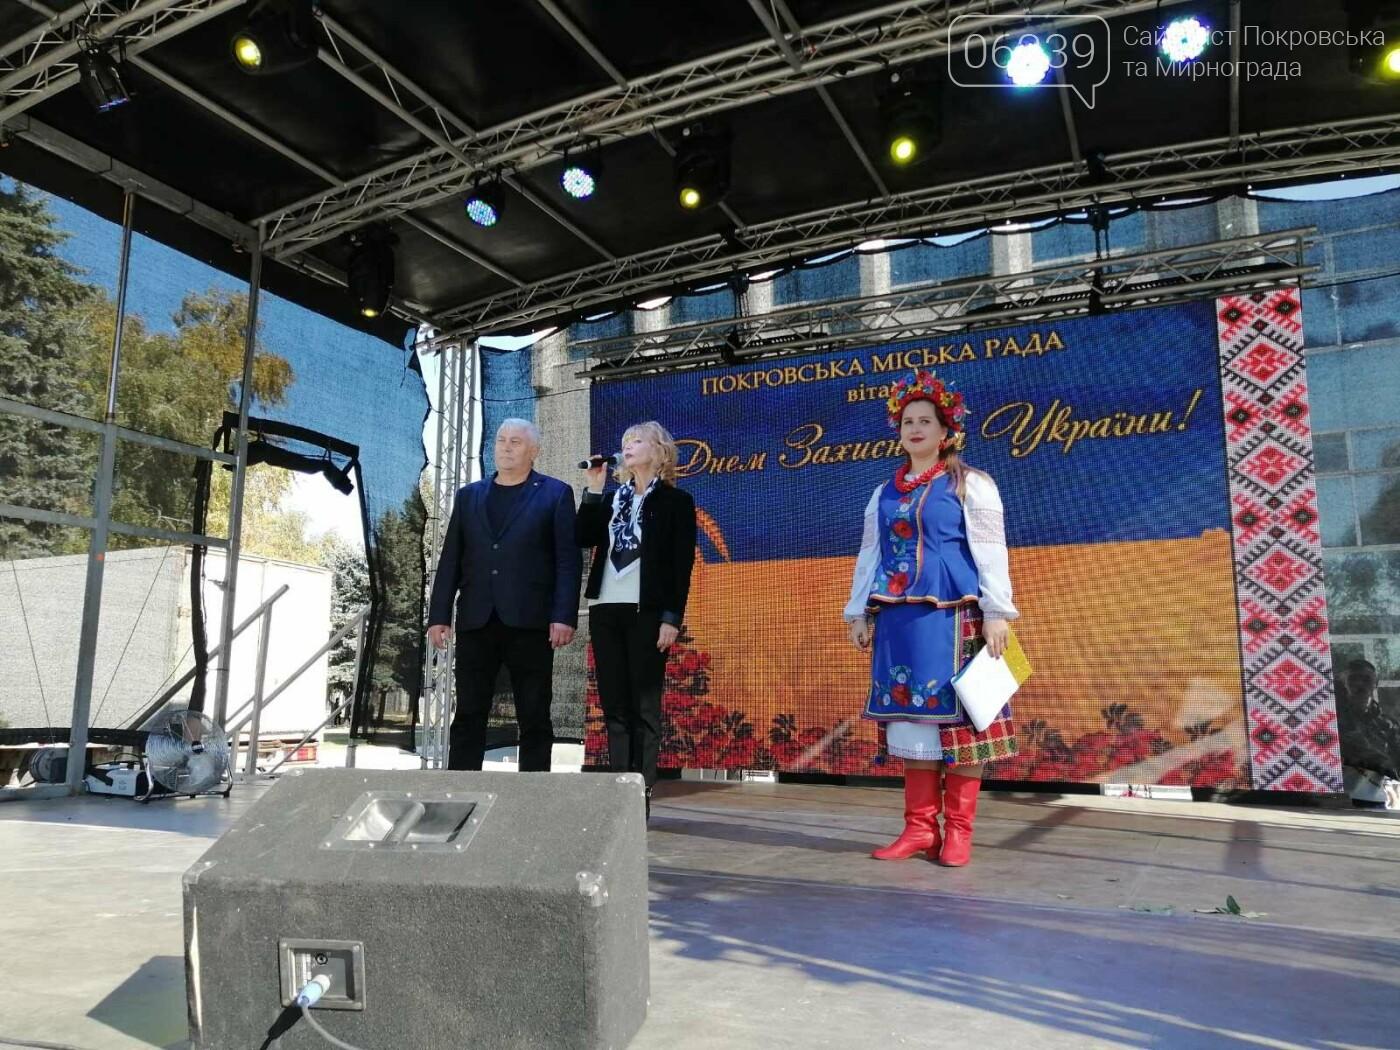 Святкова программа на честь святкування Дня захисника триває у Покровську, фото-18